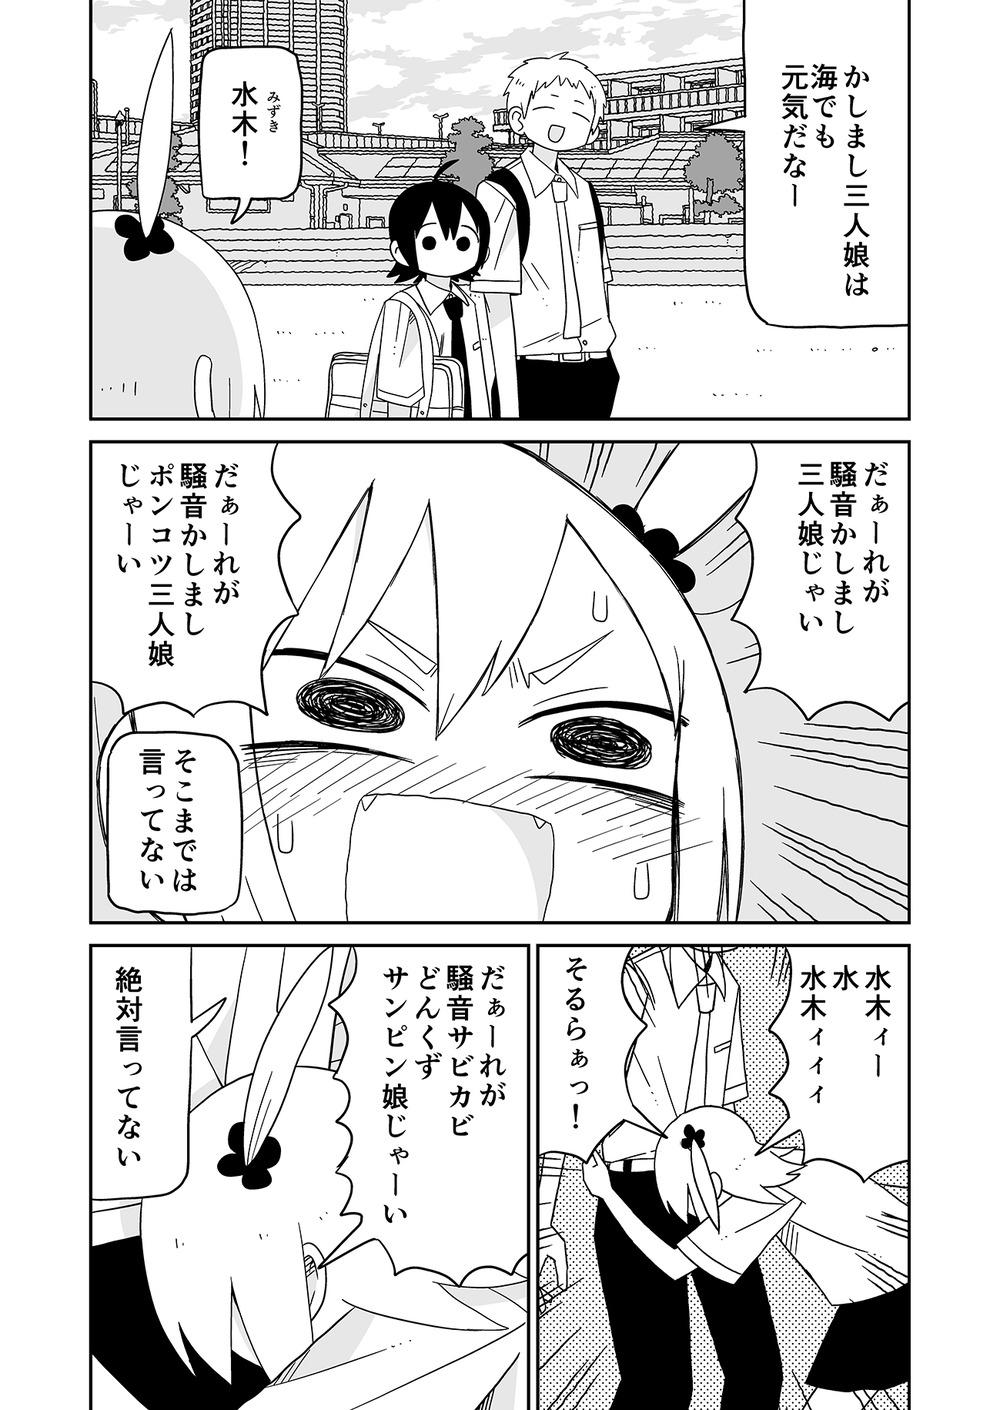 潮舞データオマケ30019